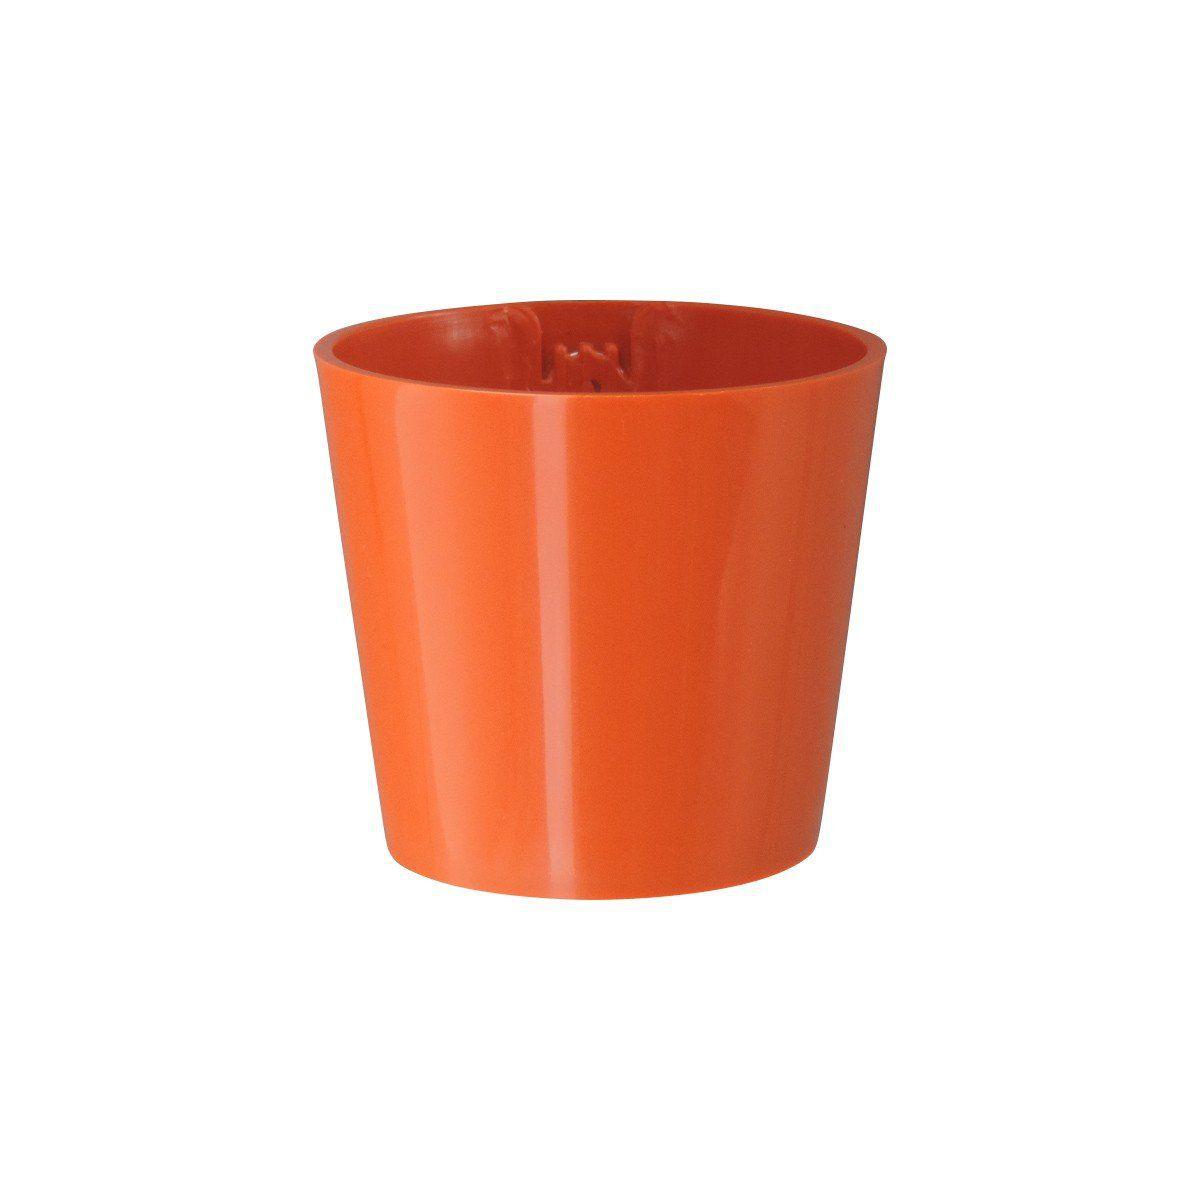 Vaso Magnético de Plástico Laranja 5cm x 6cm